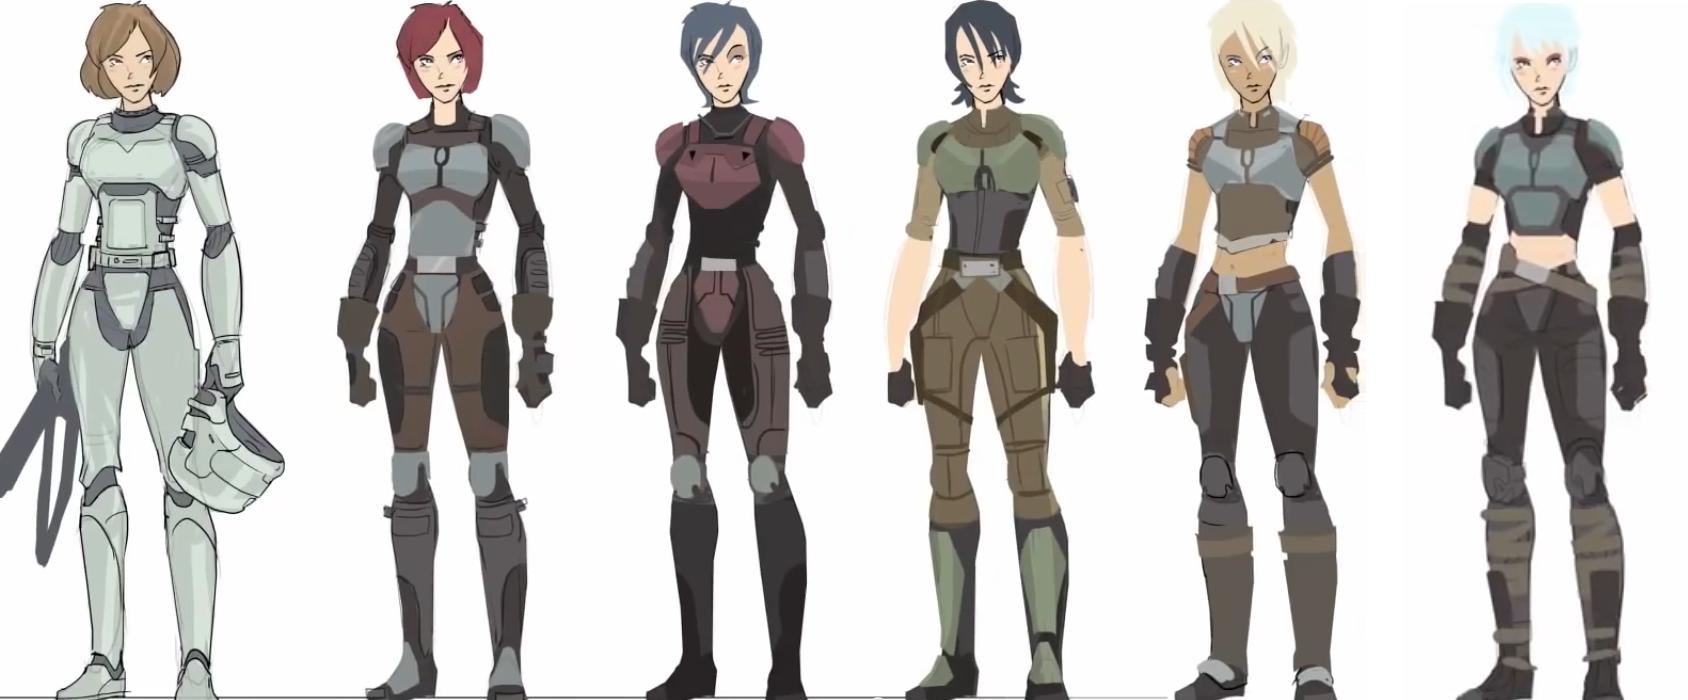 image   sabine concept art 2 png star wars rebels wiki